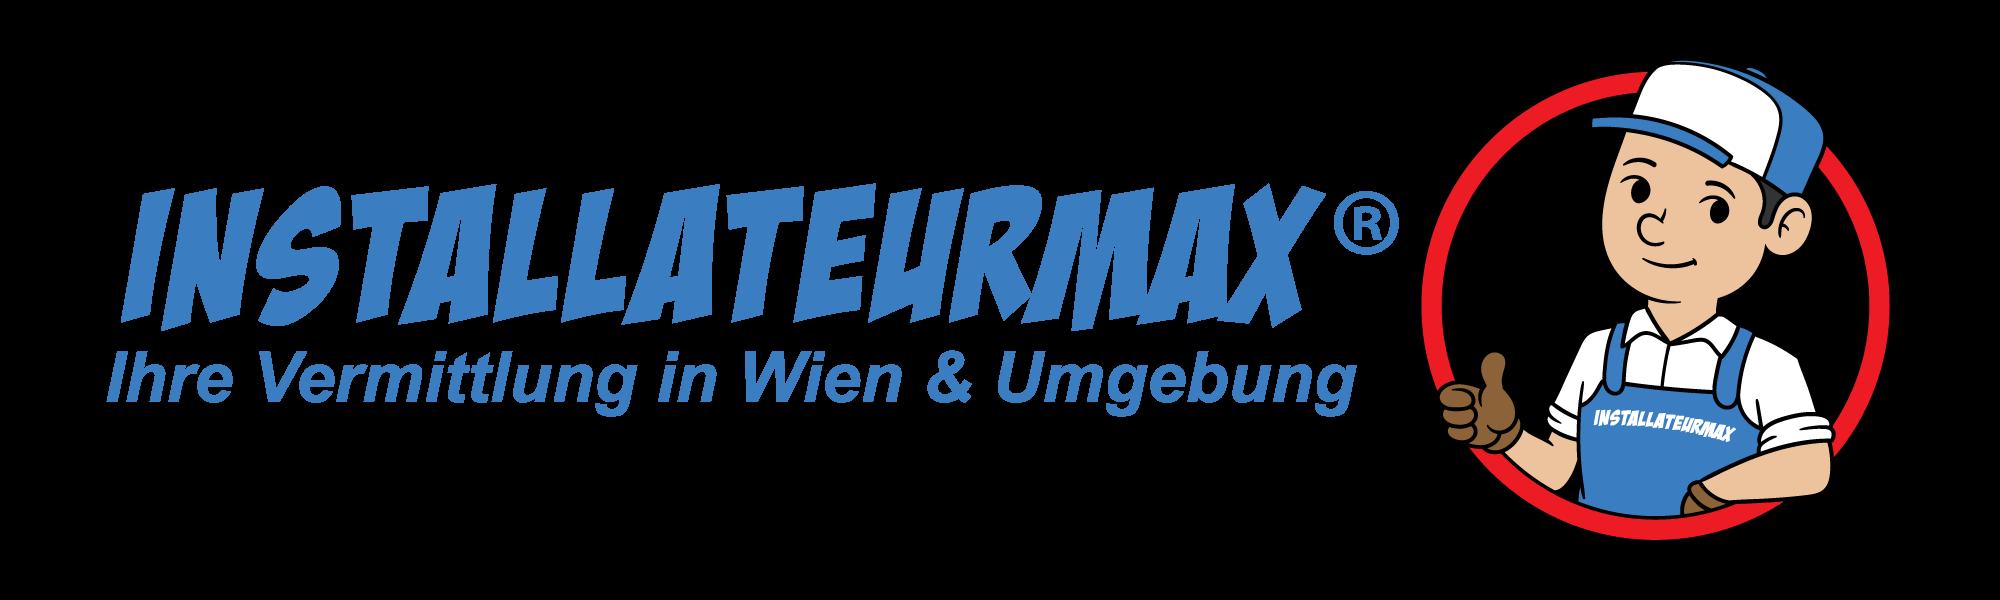 Installateurmax - Ihre Installateur Wien & Umgebung Vermittlung